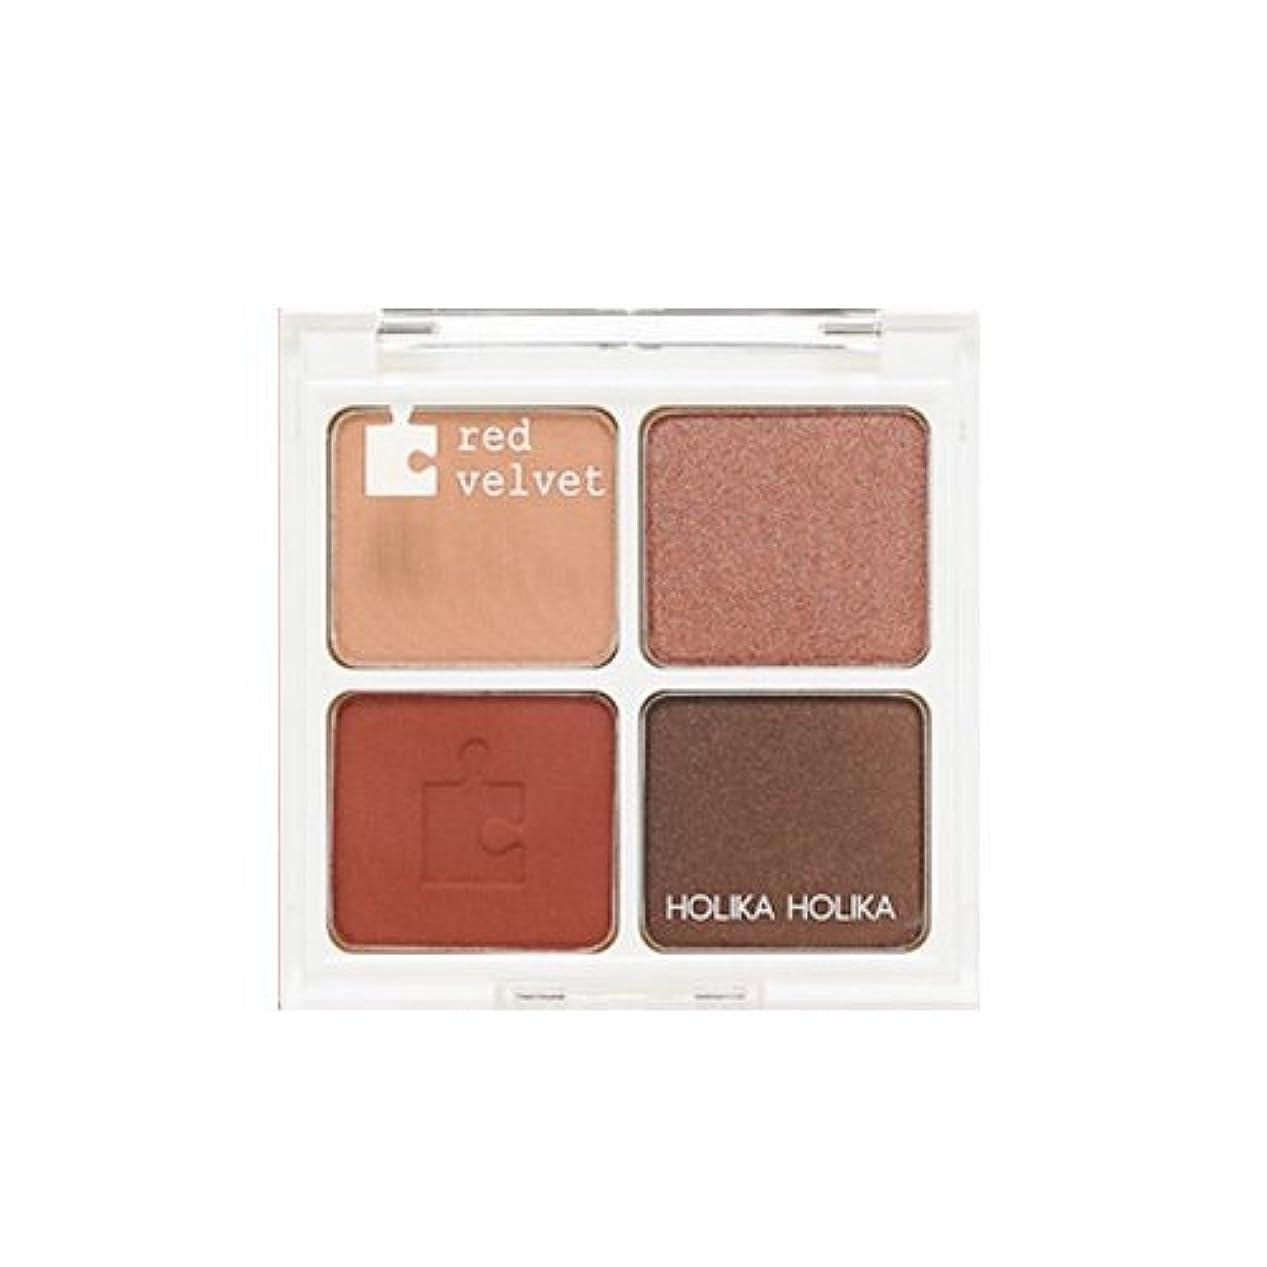 ボックスマングル兄HOLIKAHOLIKA Piece Matching Shadow Palette (01 Red Velvet) / ホリカホリカピースマッチングシャドウ4色パレット [並行輸入品]